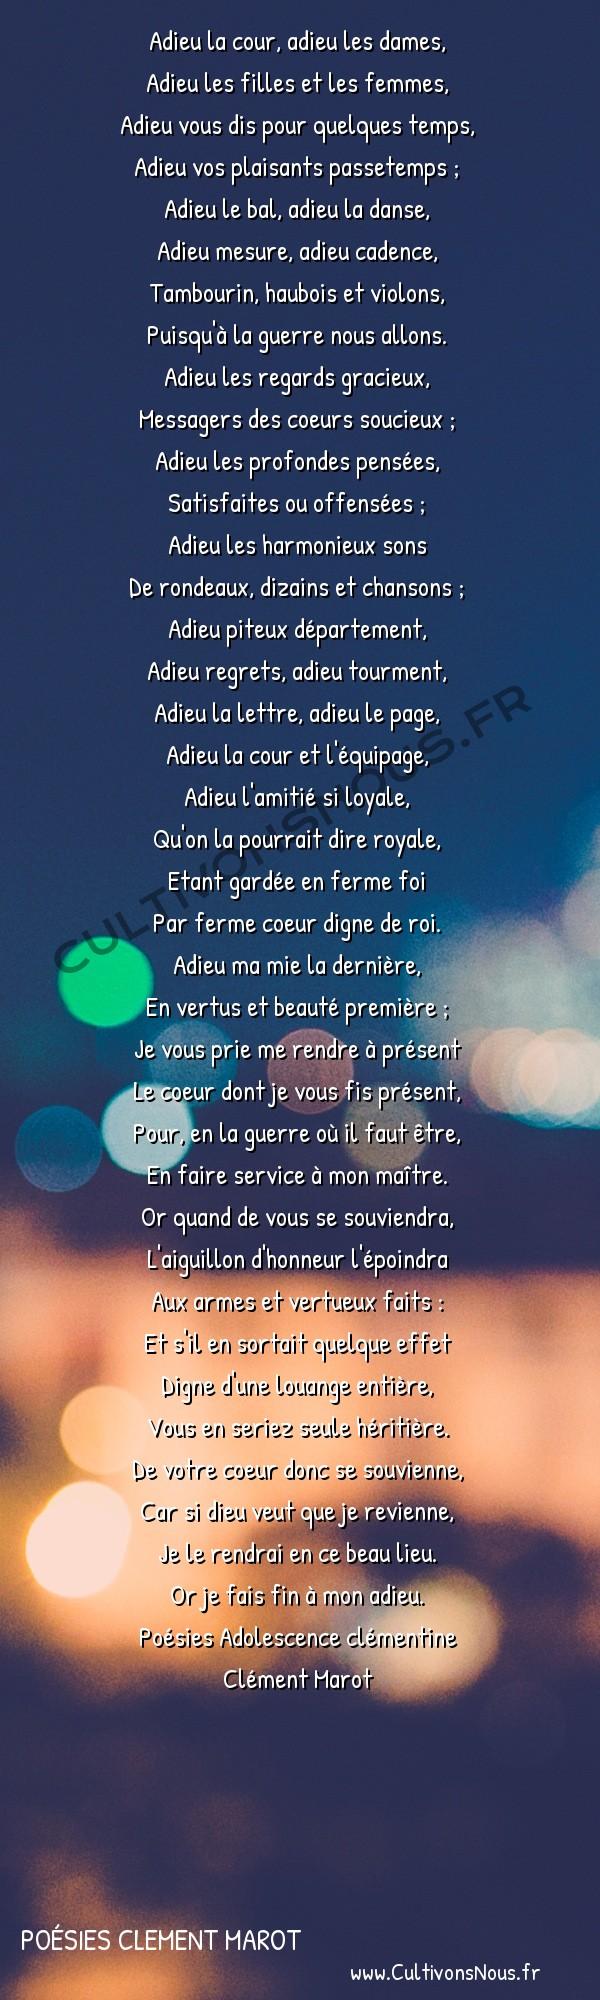 Poésies Clement Marot - Poésies Adolescence clémentine - Adieu aux Dames de la Cour -  Adieu la cour, adieu les dames, Adieu les filles et les femmes,